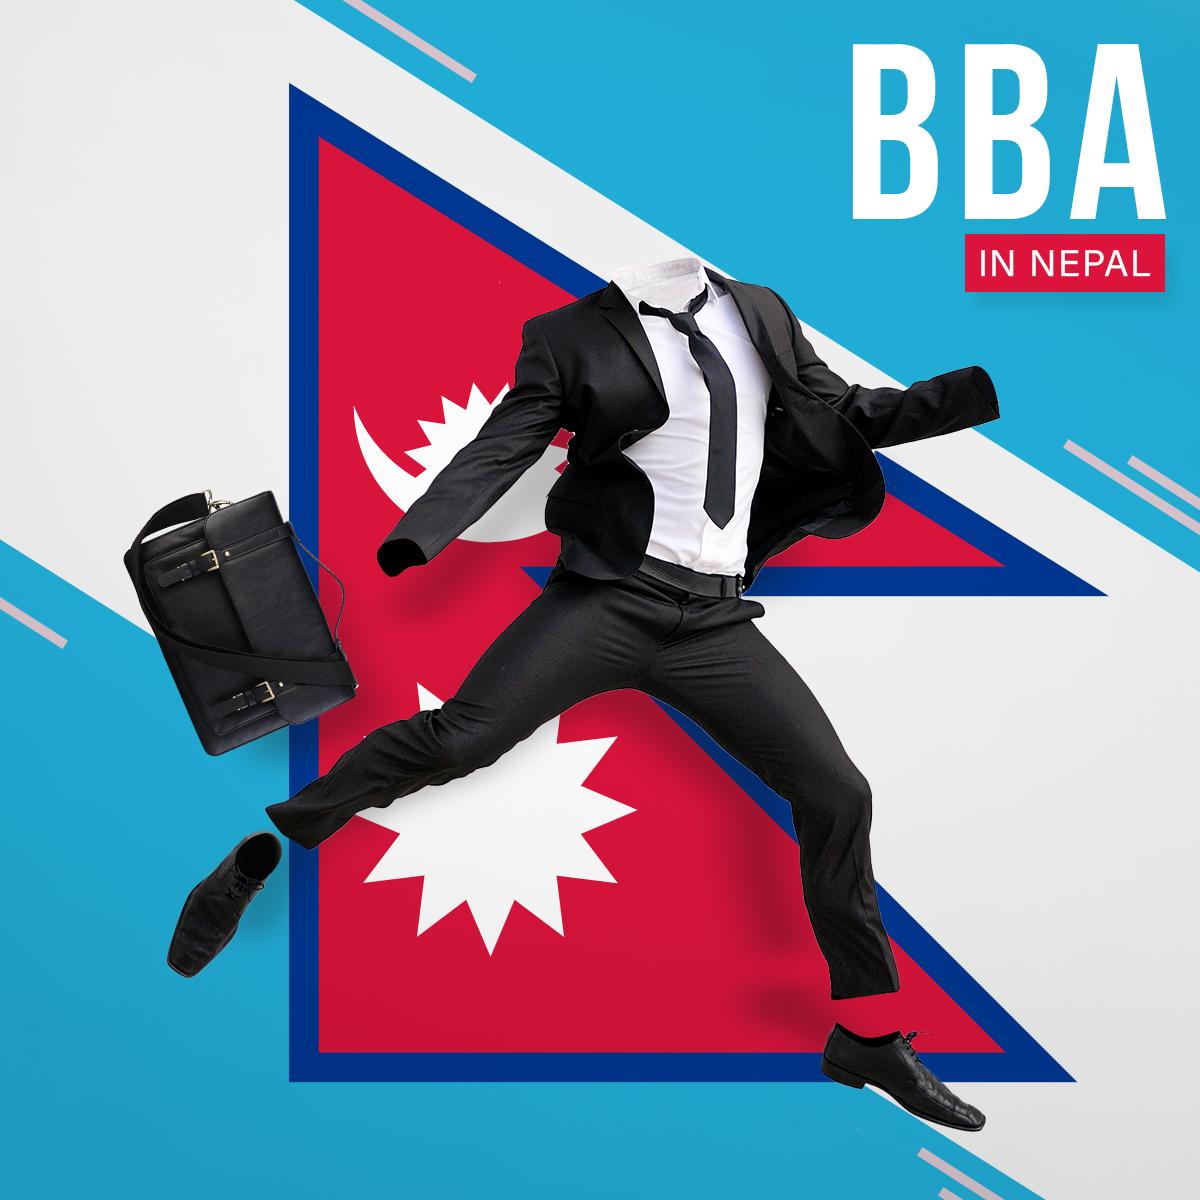 bba in nepal